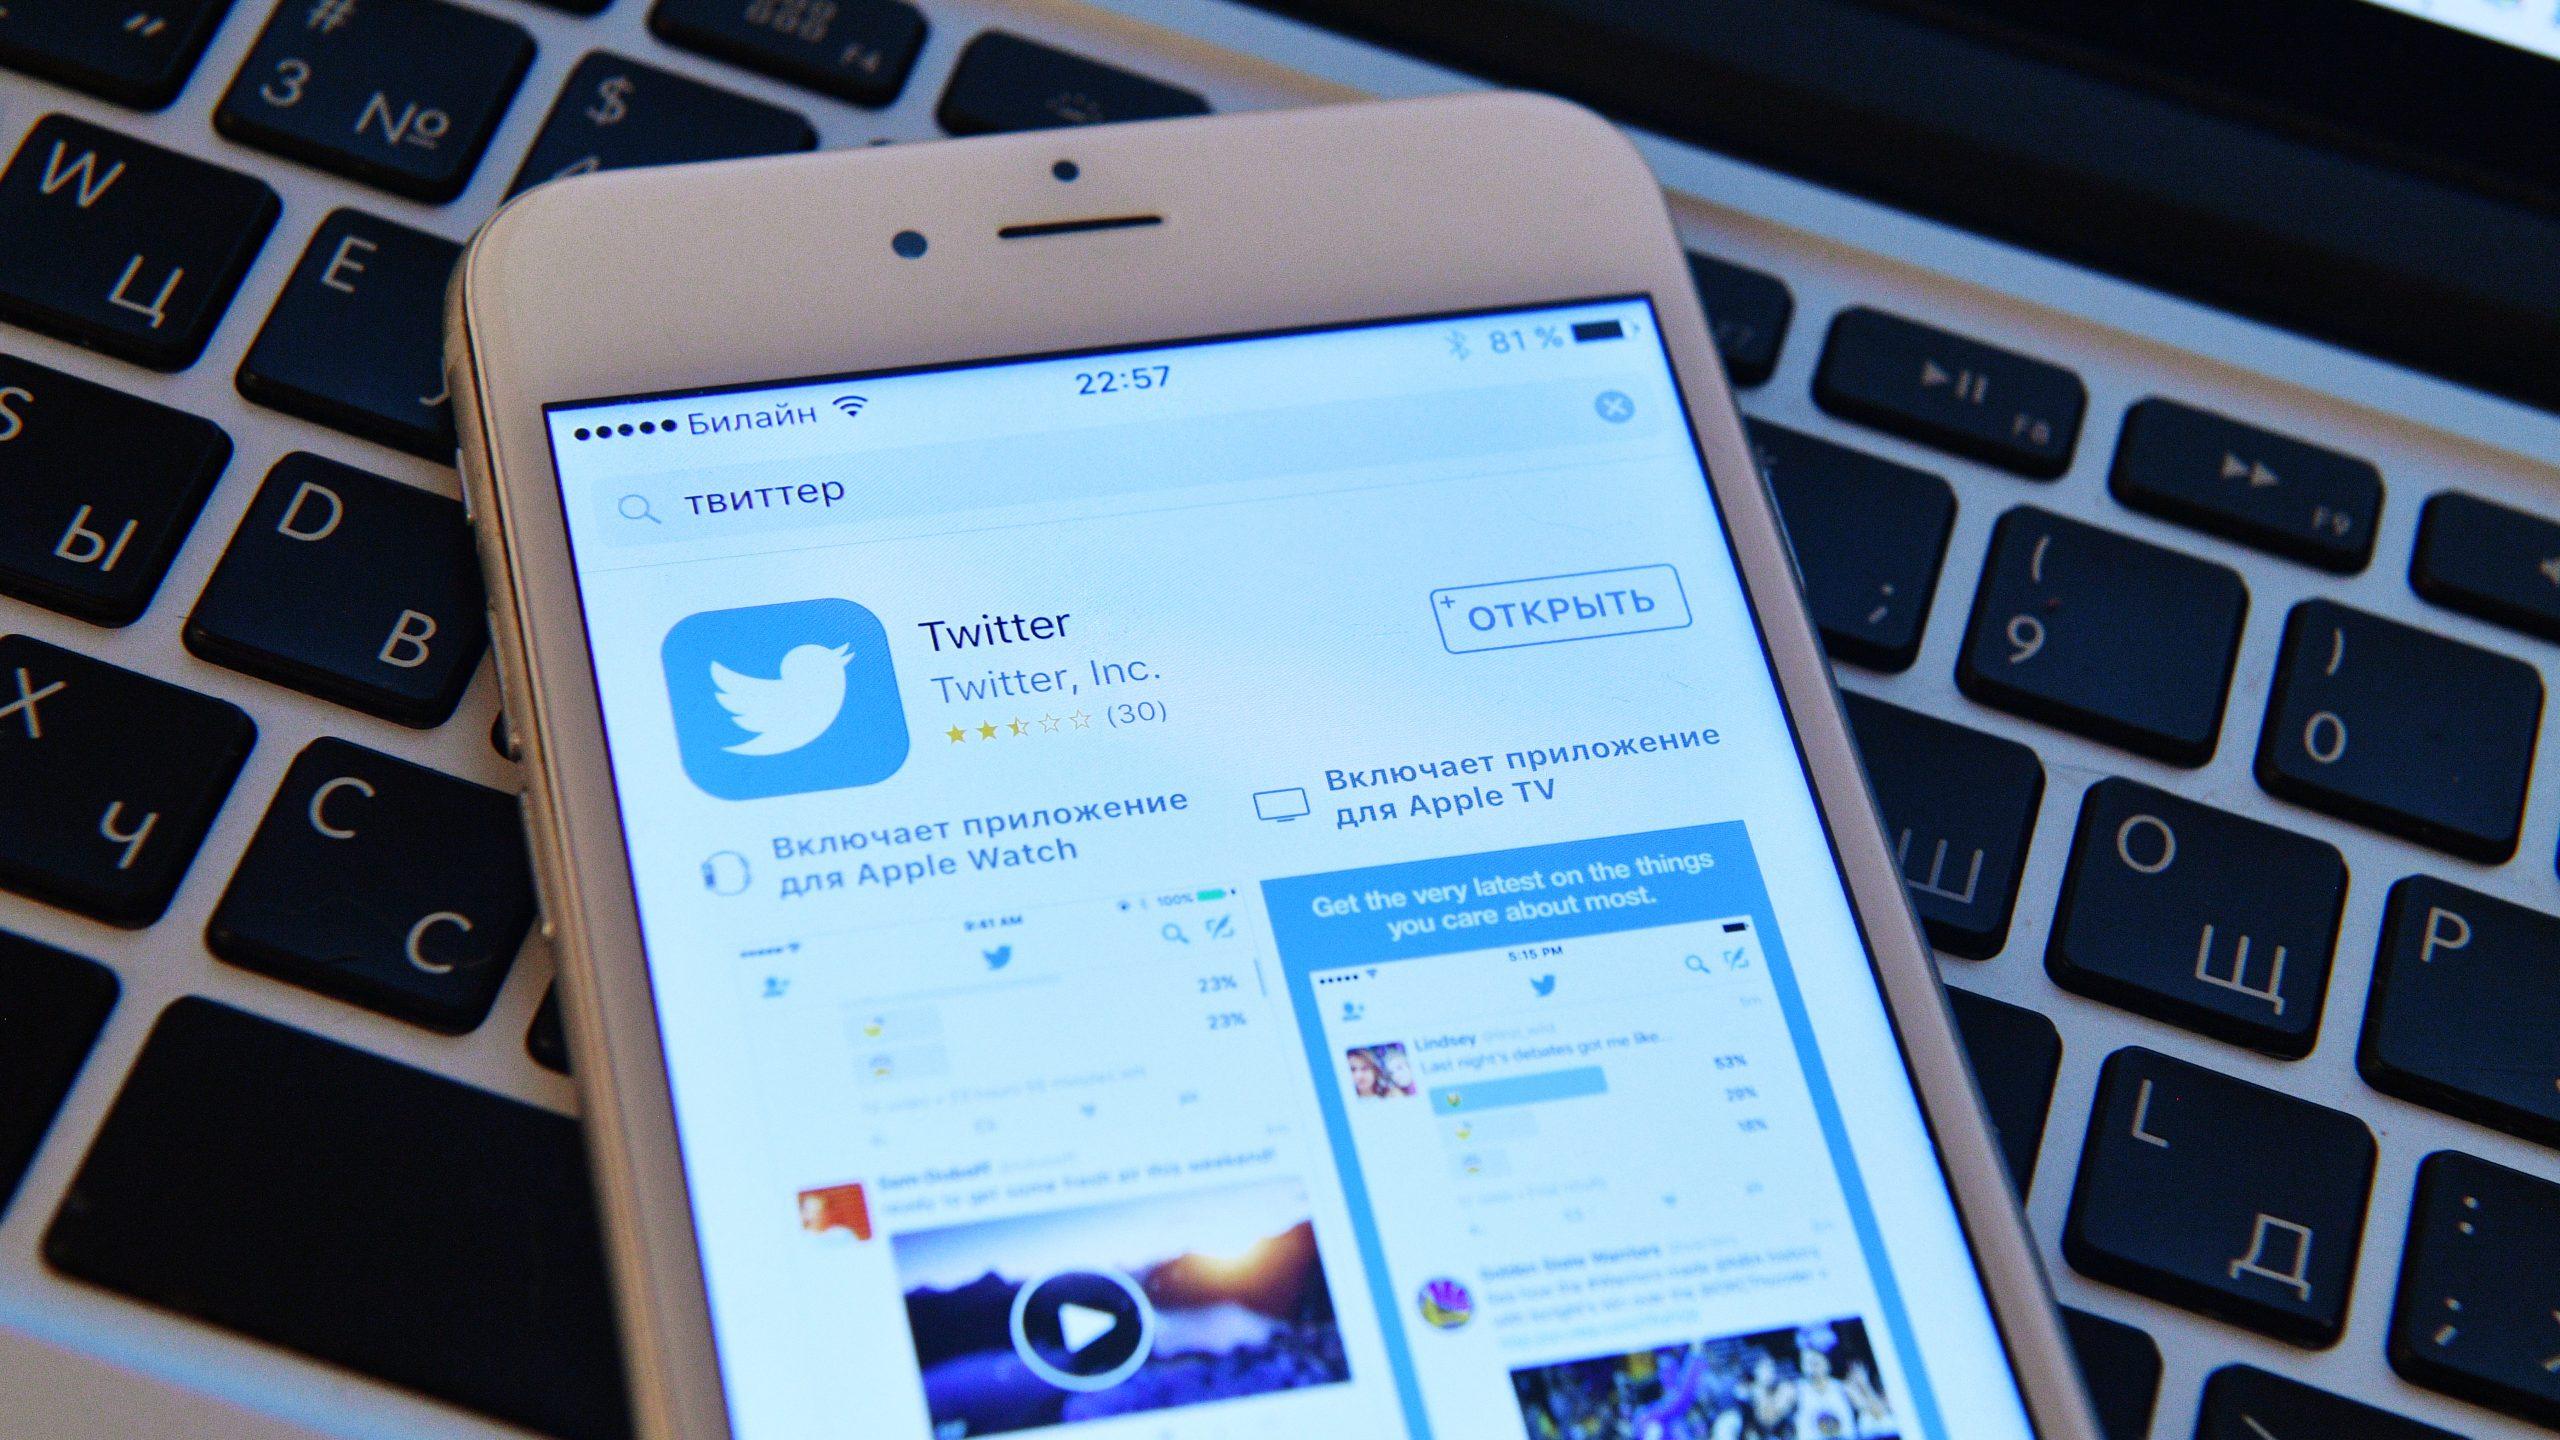 Роскомнадзор замедлит работу Twitter за неудаление запрещенного контента